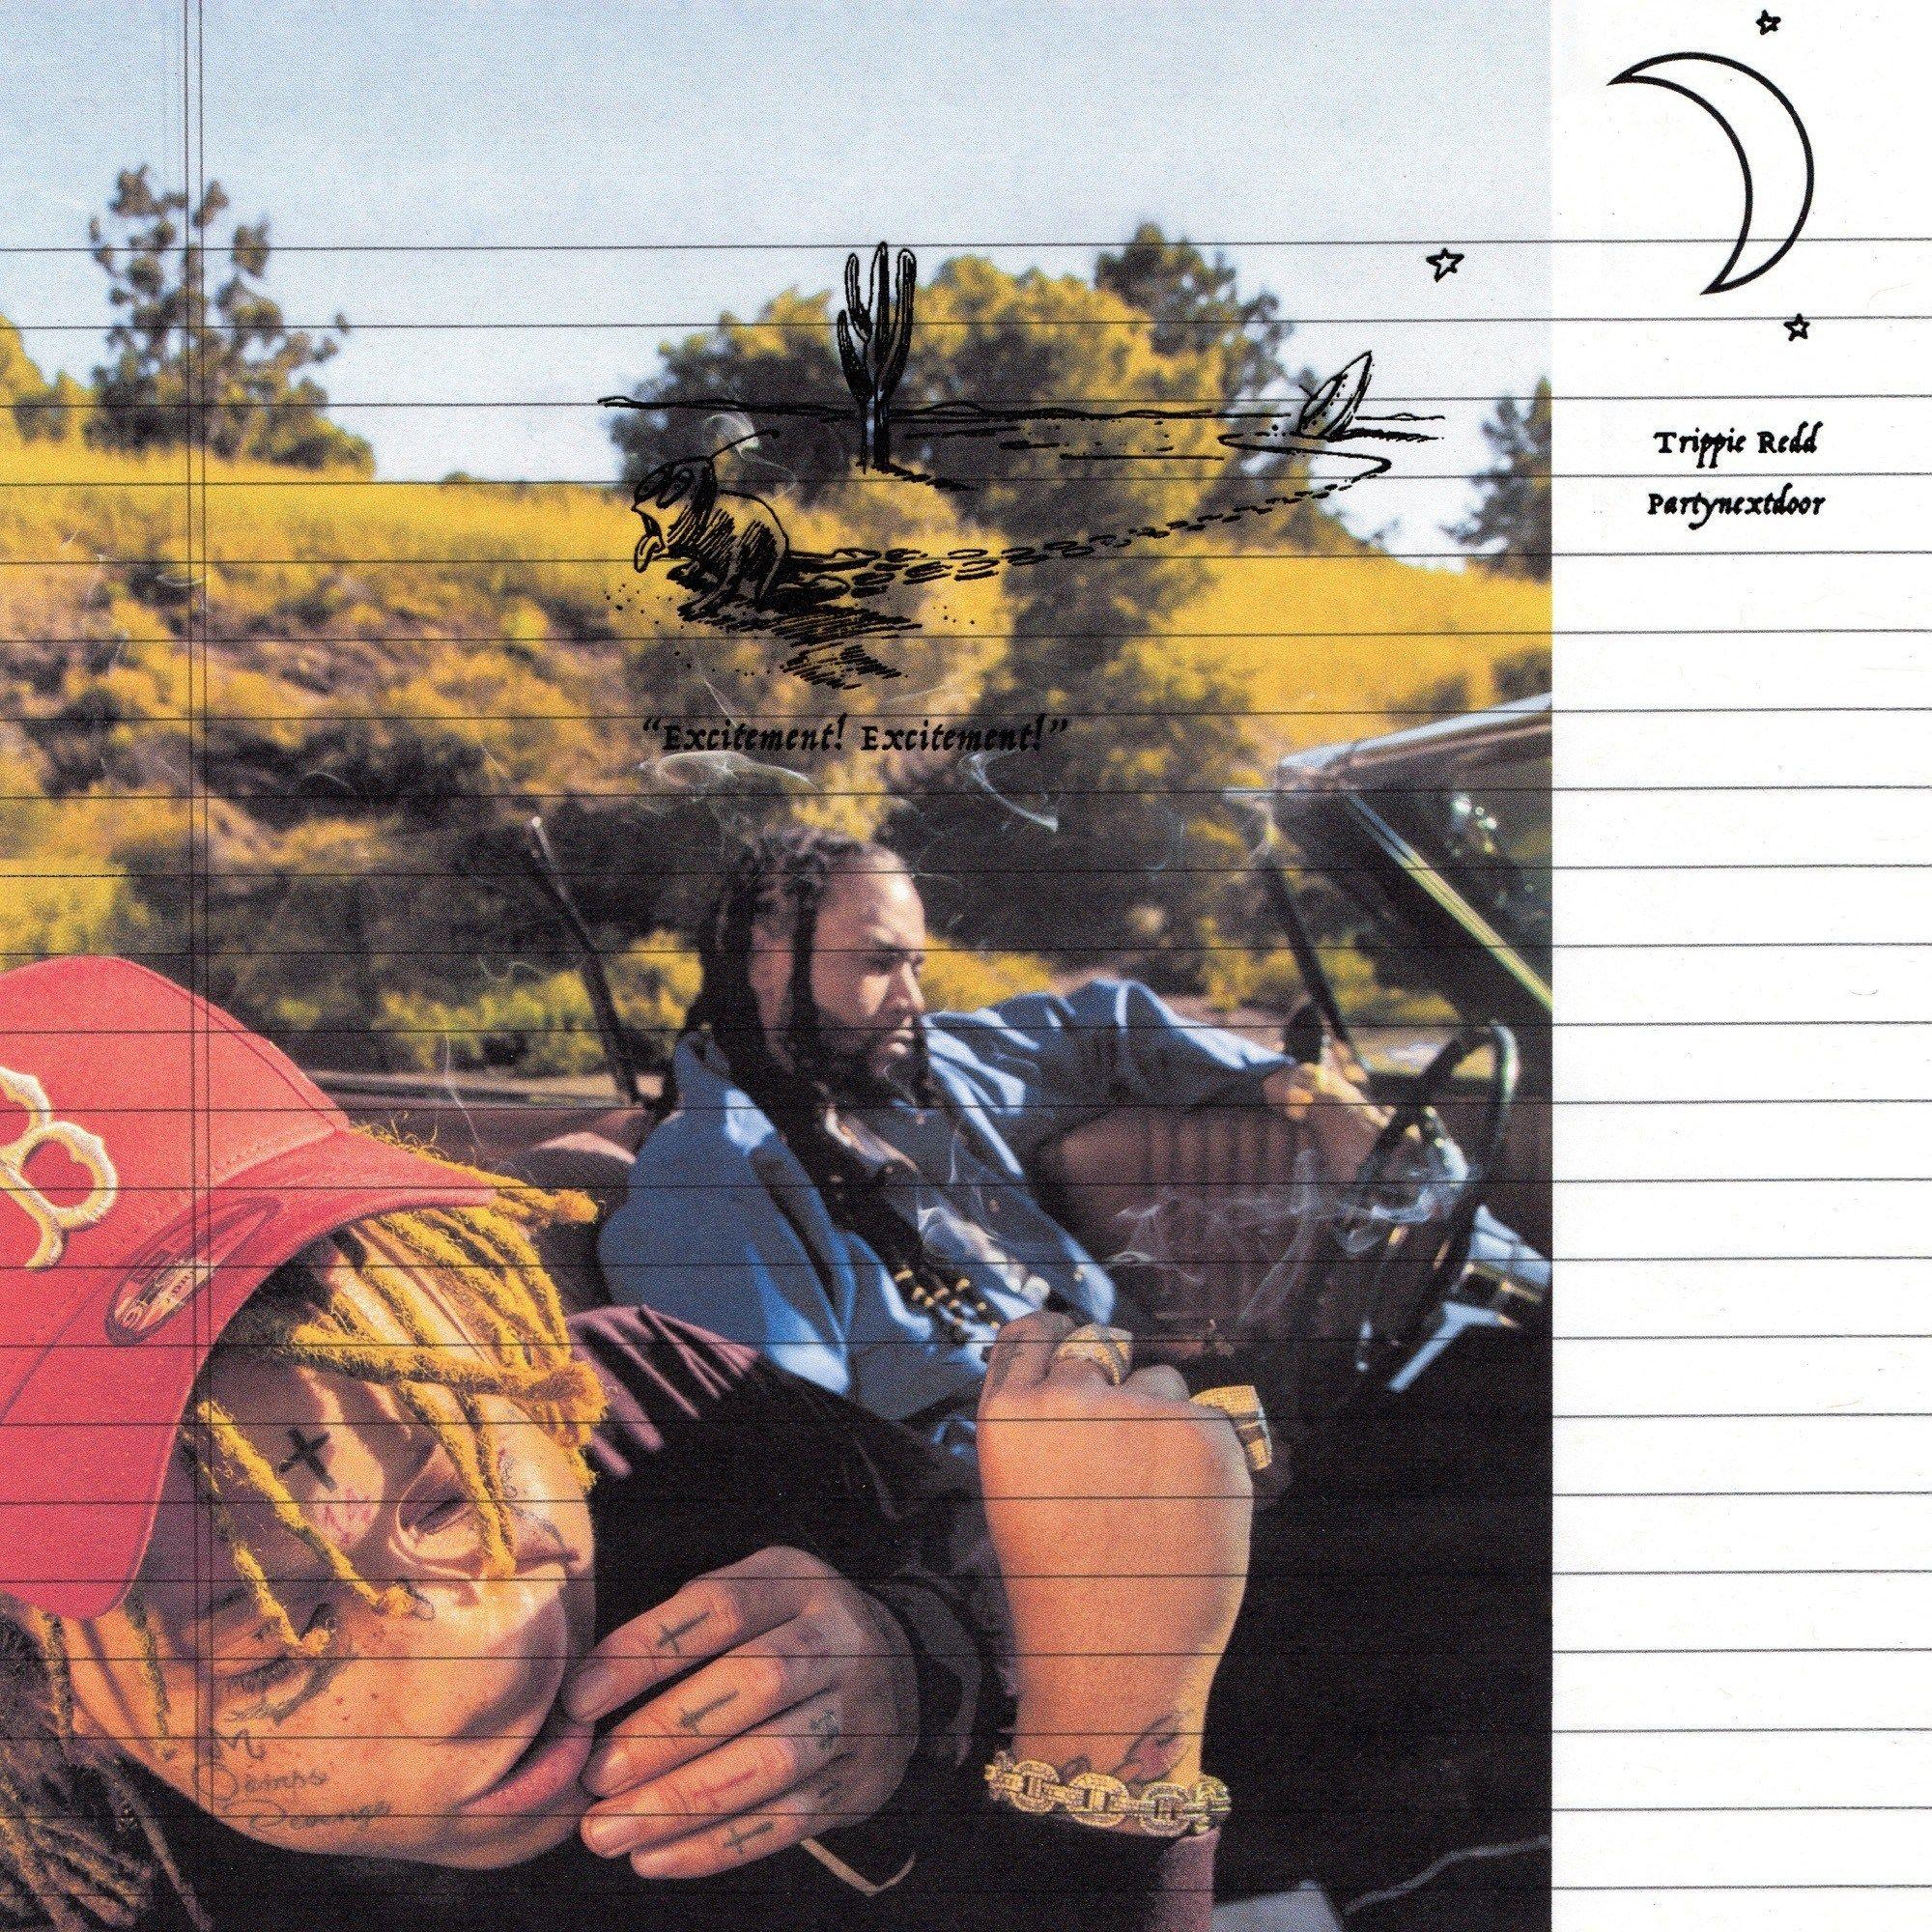 Trippie Redd Partynextdoor Excitement Rap Album Covers Trippie Redd Iconic Album Covers